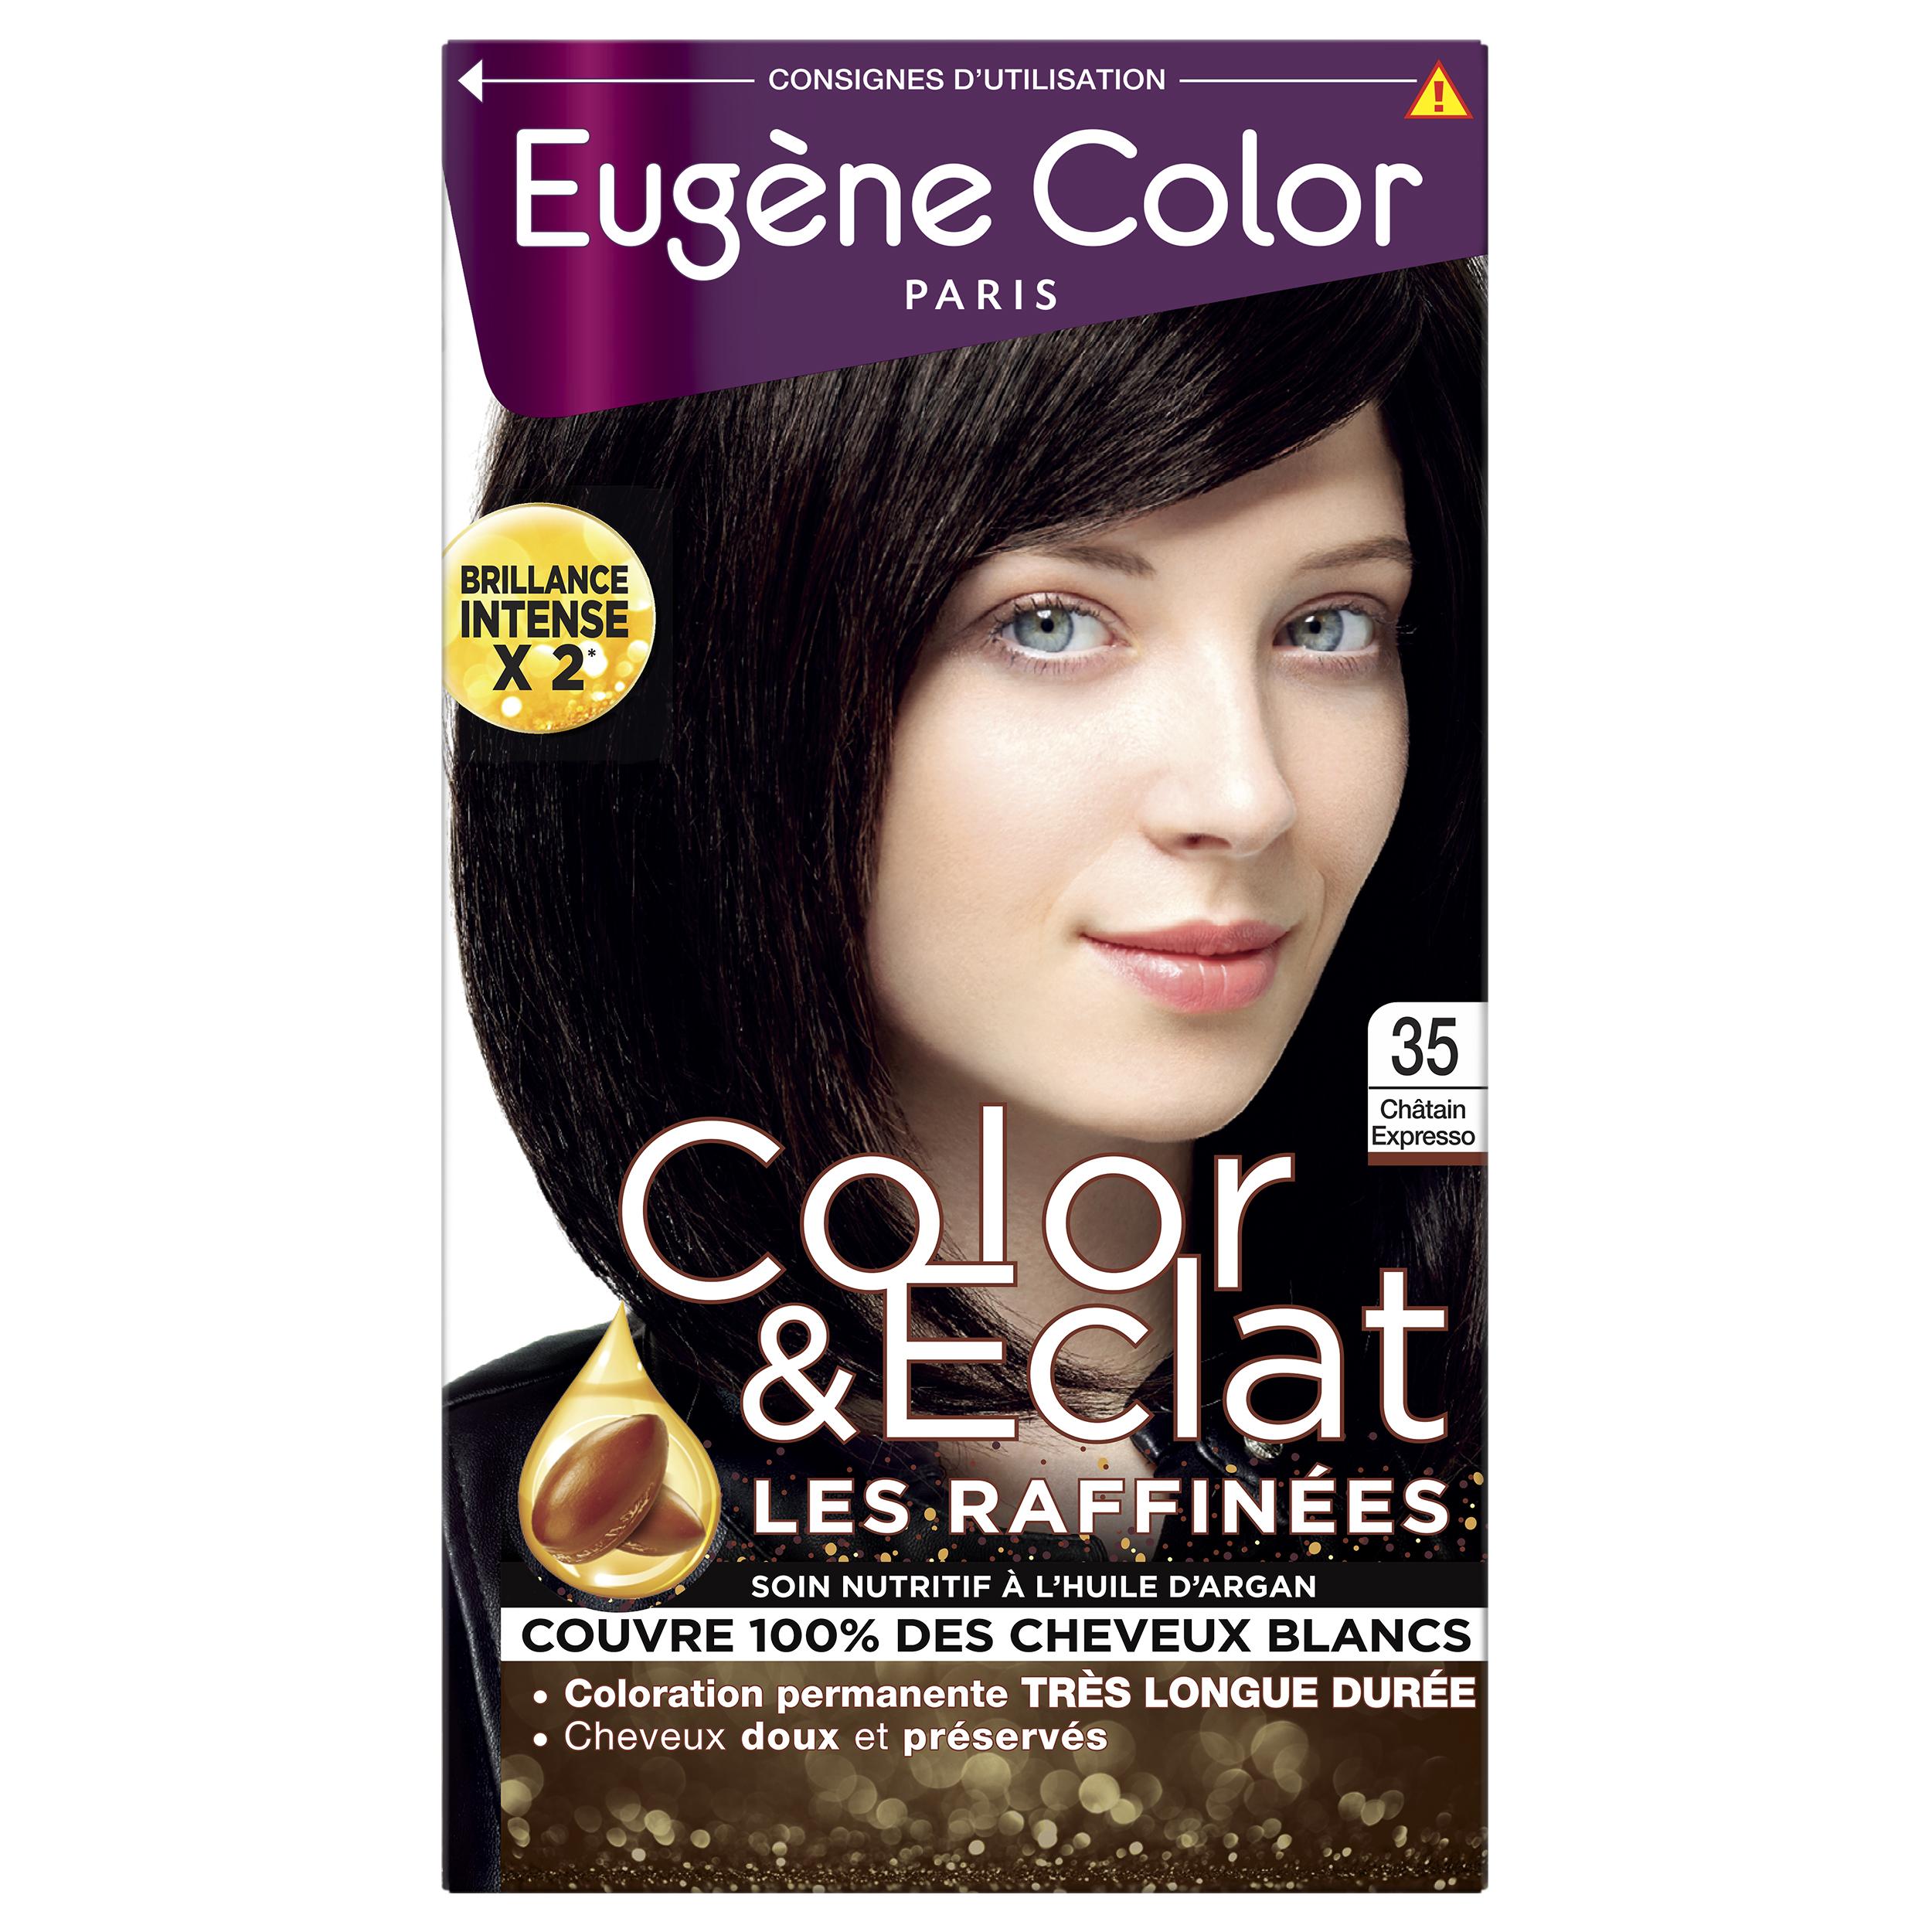 Профессиональная косметика для волос краска купить детская косметика купить в смоленске